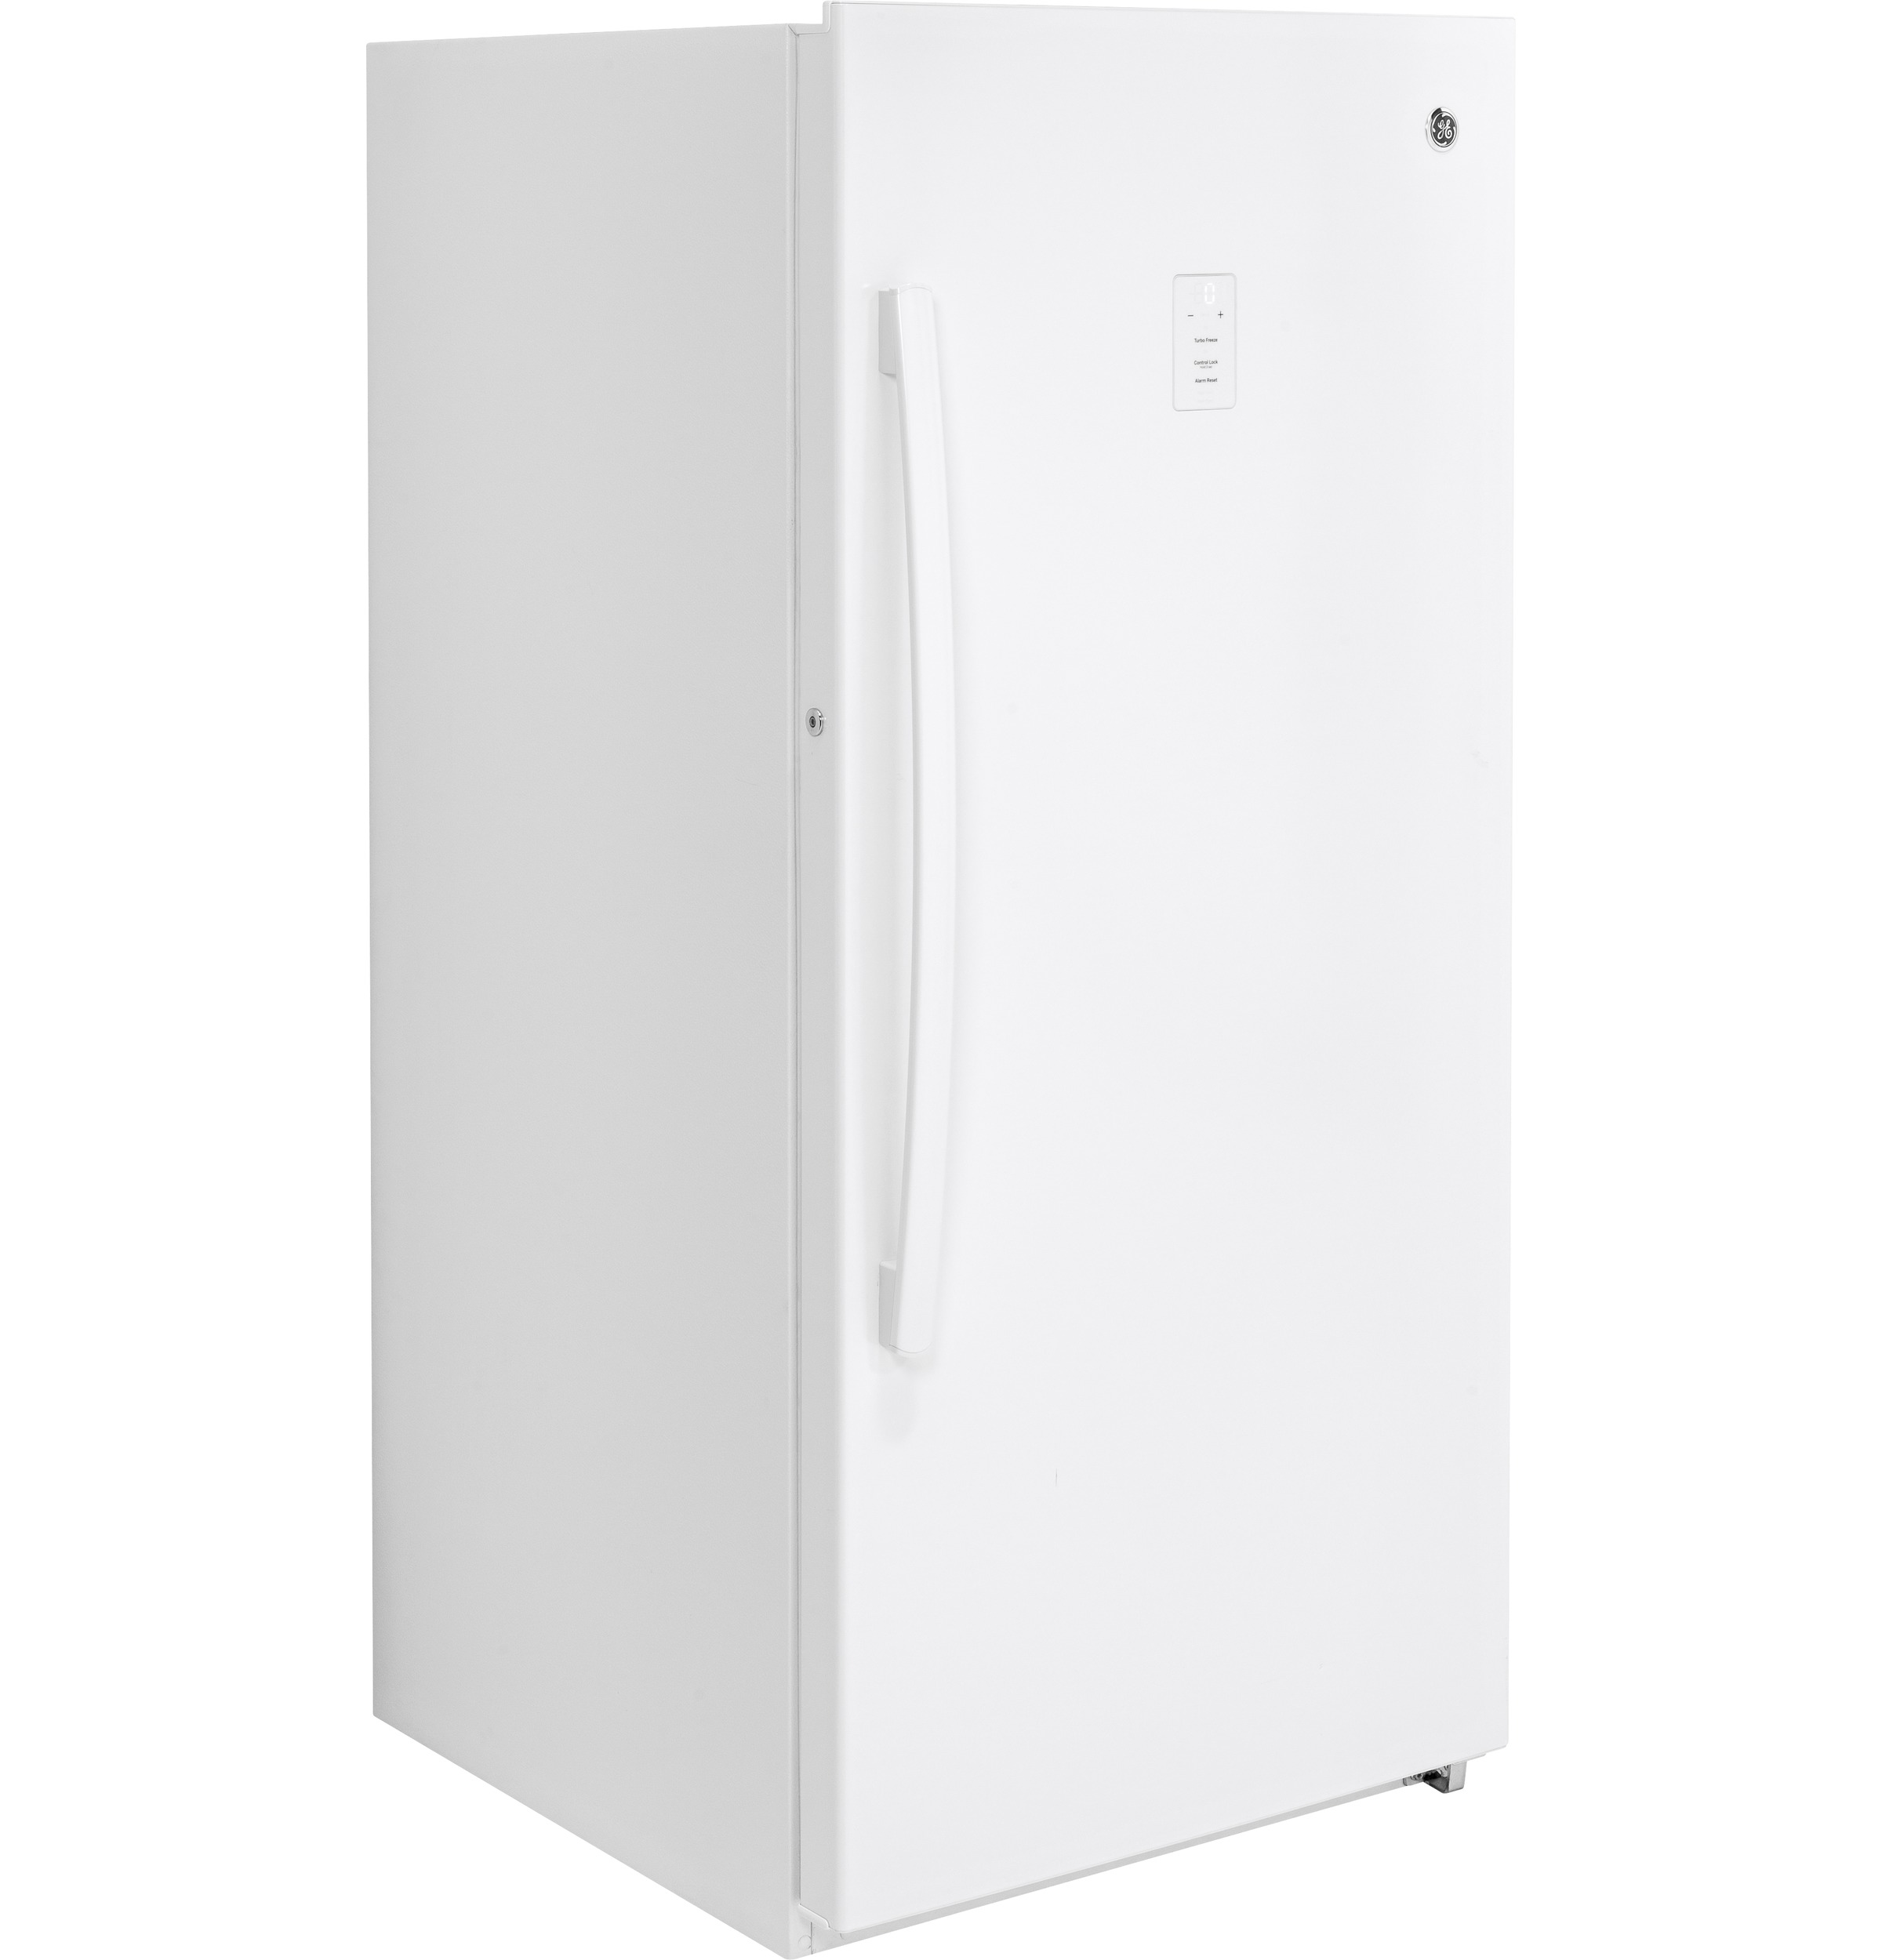 Model: FUF14DLRWW | GE® 14.1 Cu. Ft. Frost-Free Upright Freezer